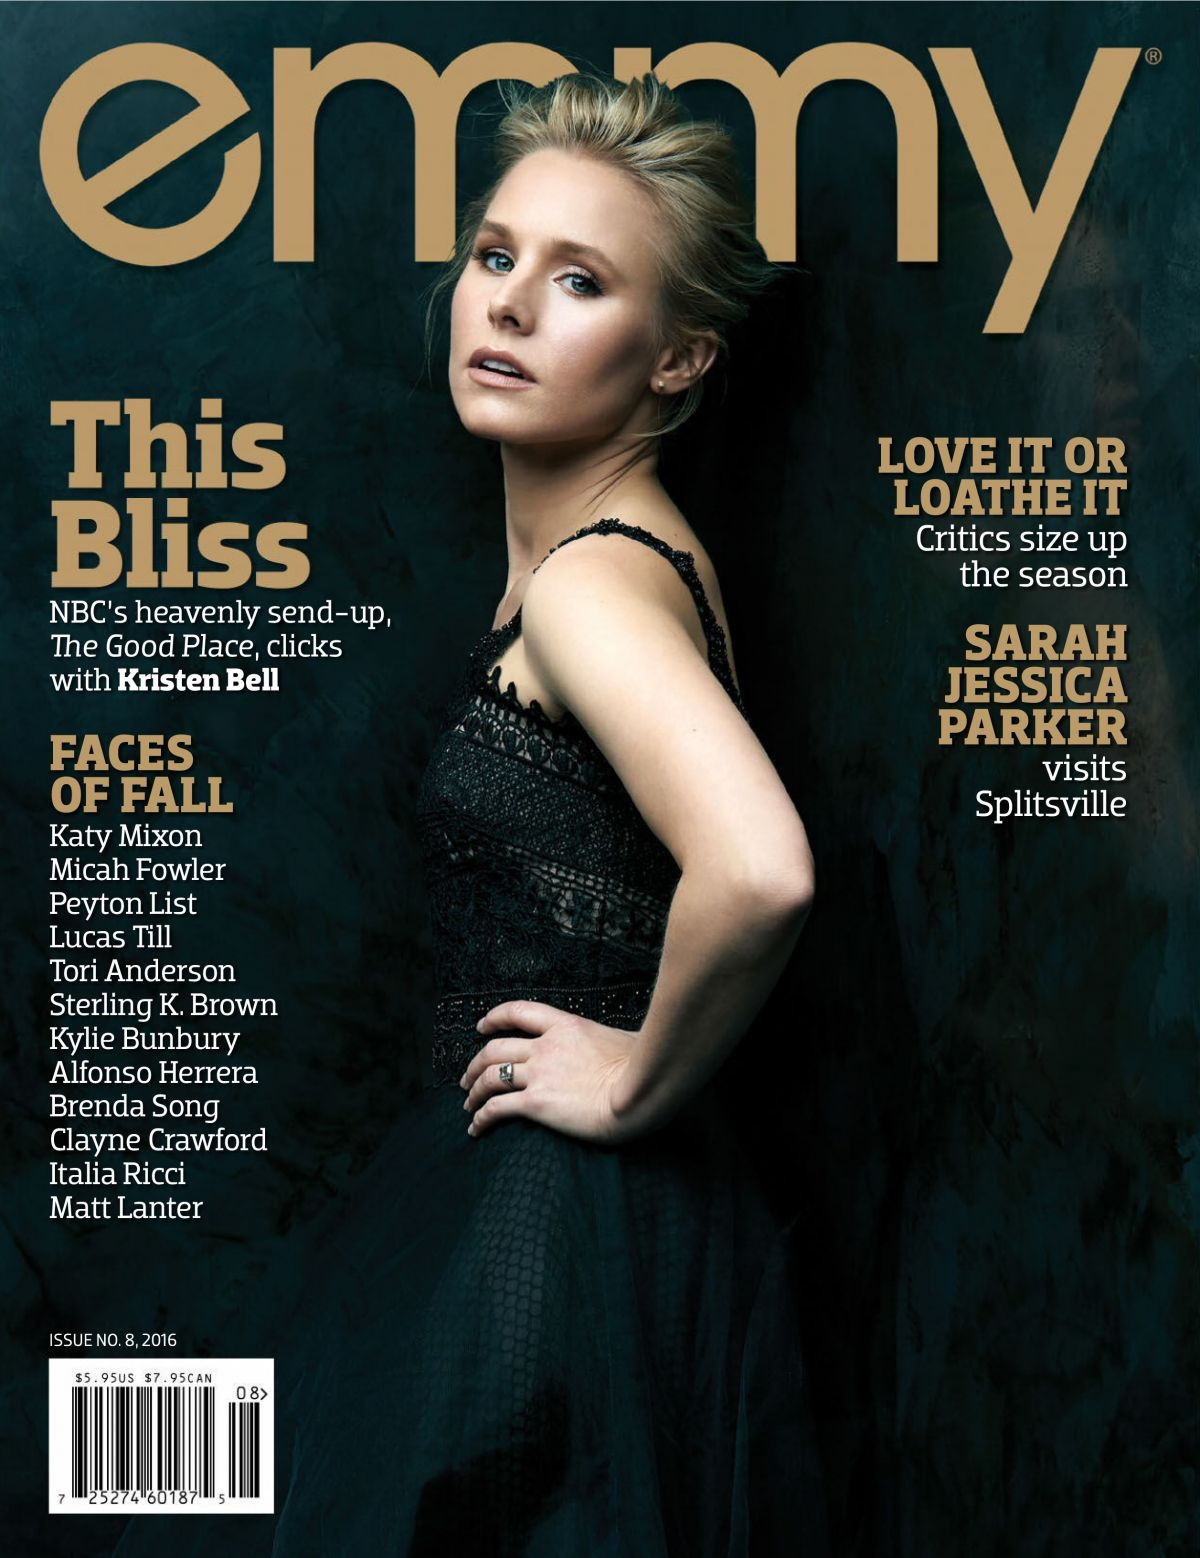 KRISTEN BELL in Emmy Magazine, Issue no.8 2016